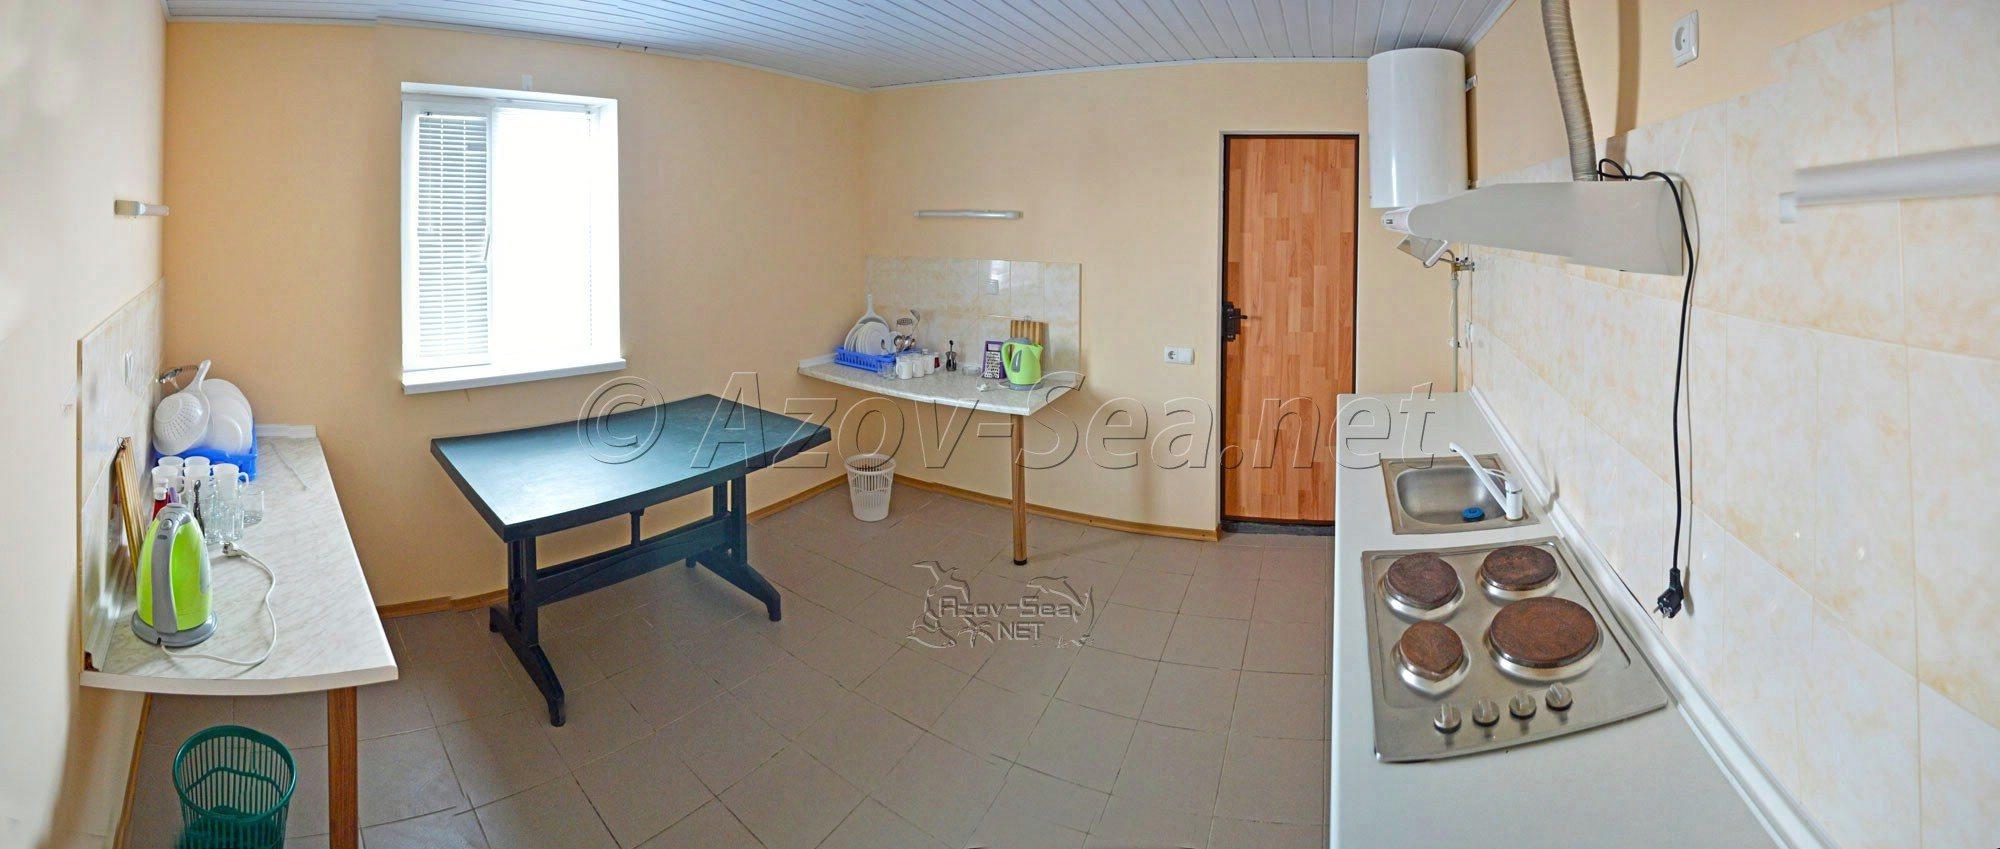 Одна большая общая кухня на 2 люкс номера расположена рядом с номером